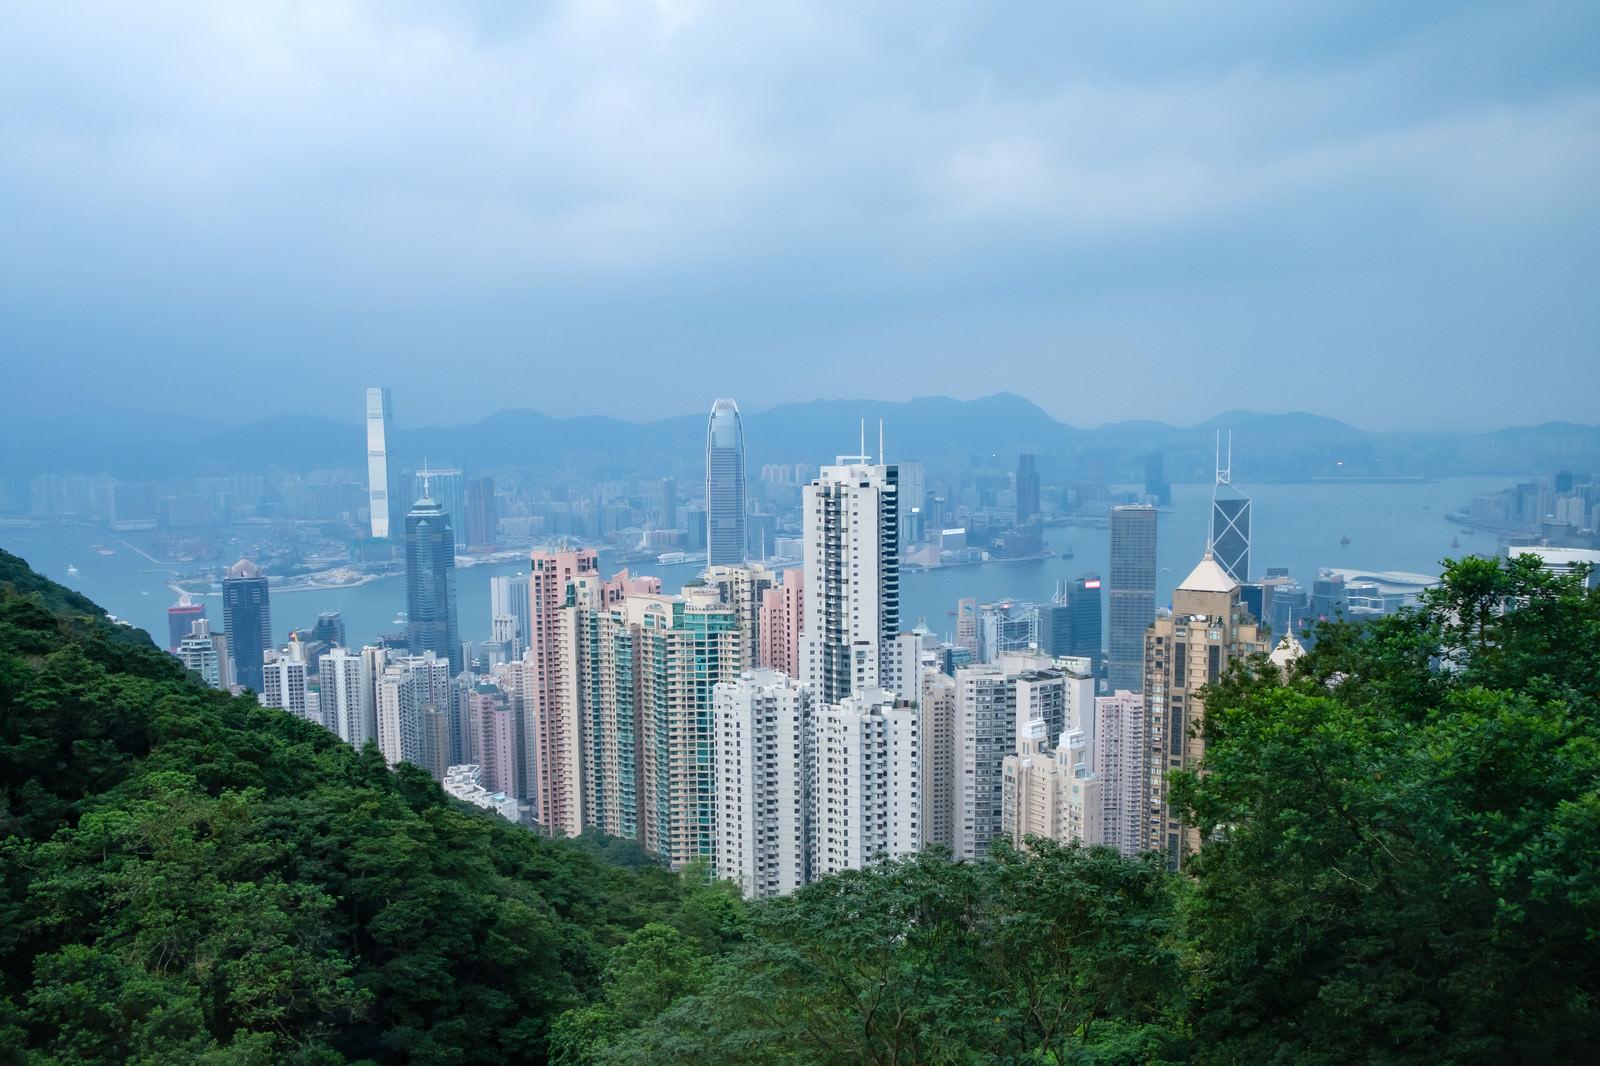 「高層ビルが建ち並ぶ香港」の写真